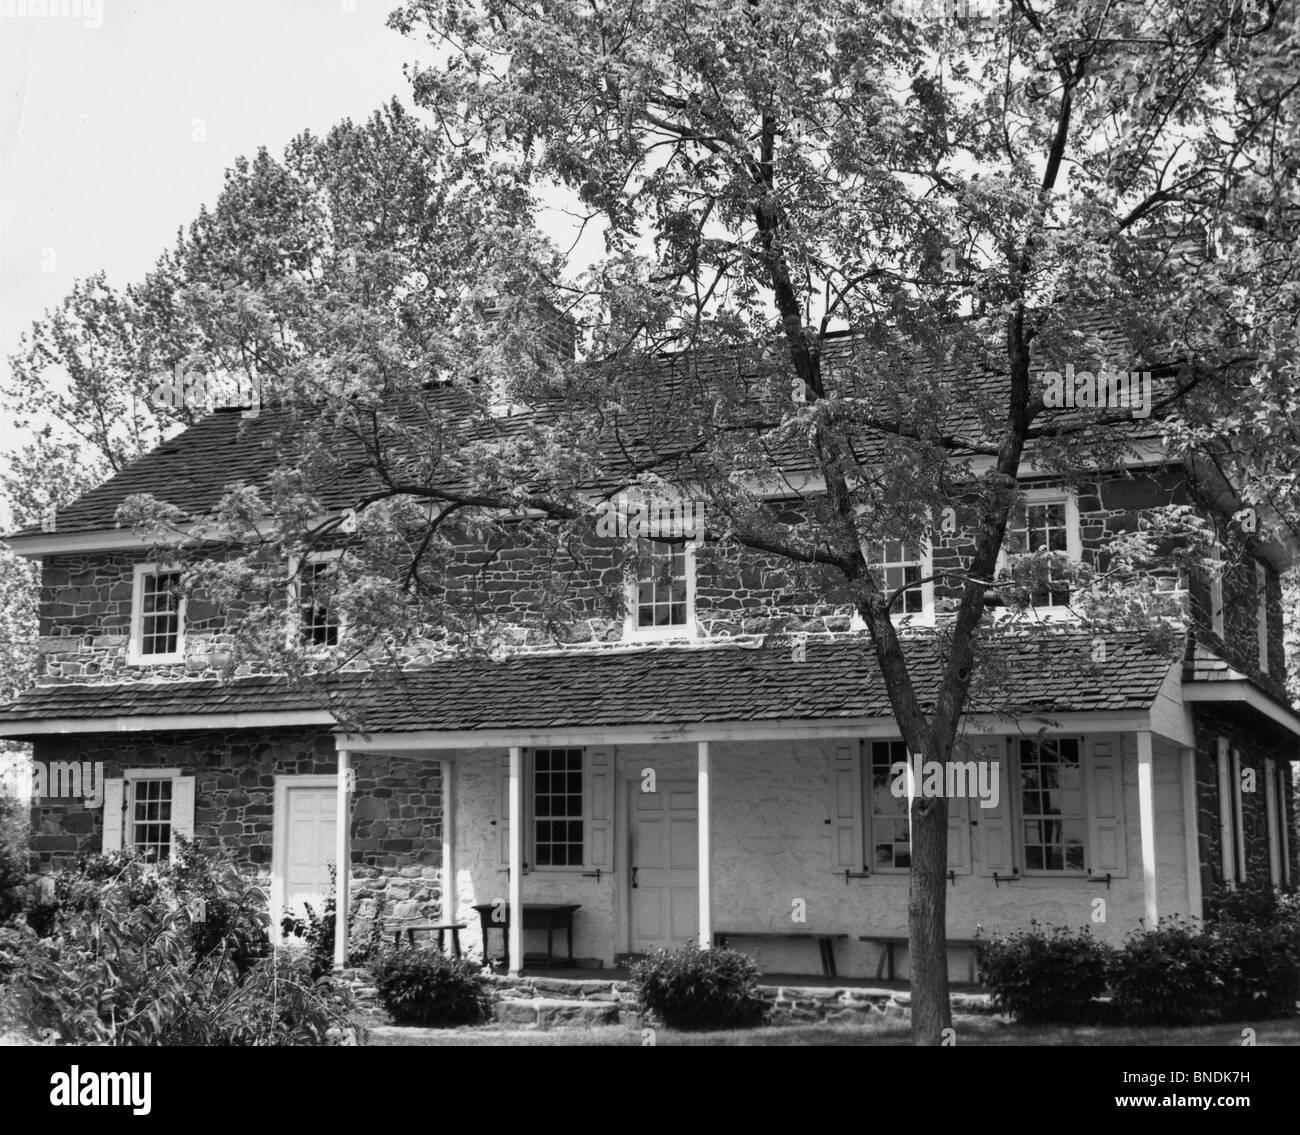 Facade of a house, Daniel Boone Homestead, Pennsylvania, USA, 1734 - Stock Image